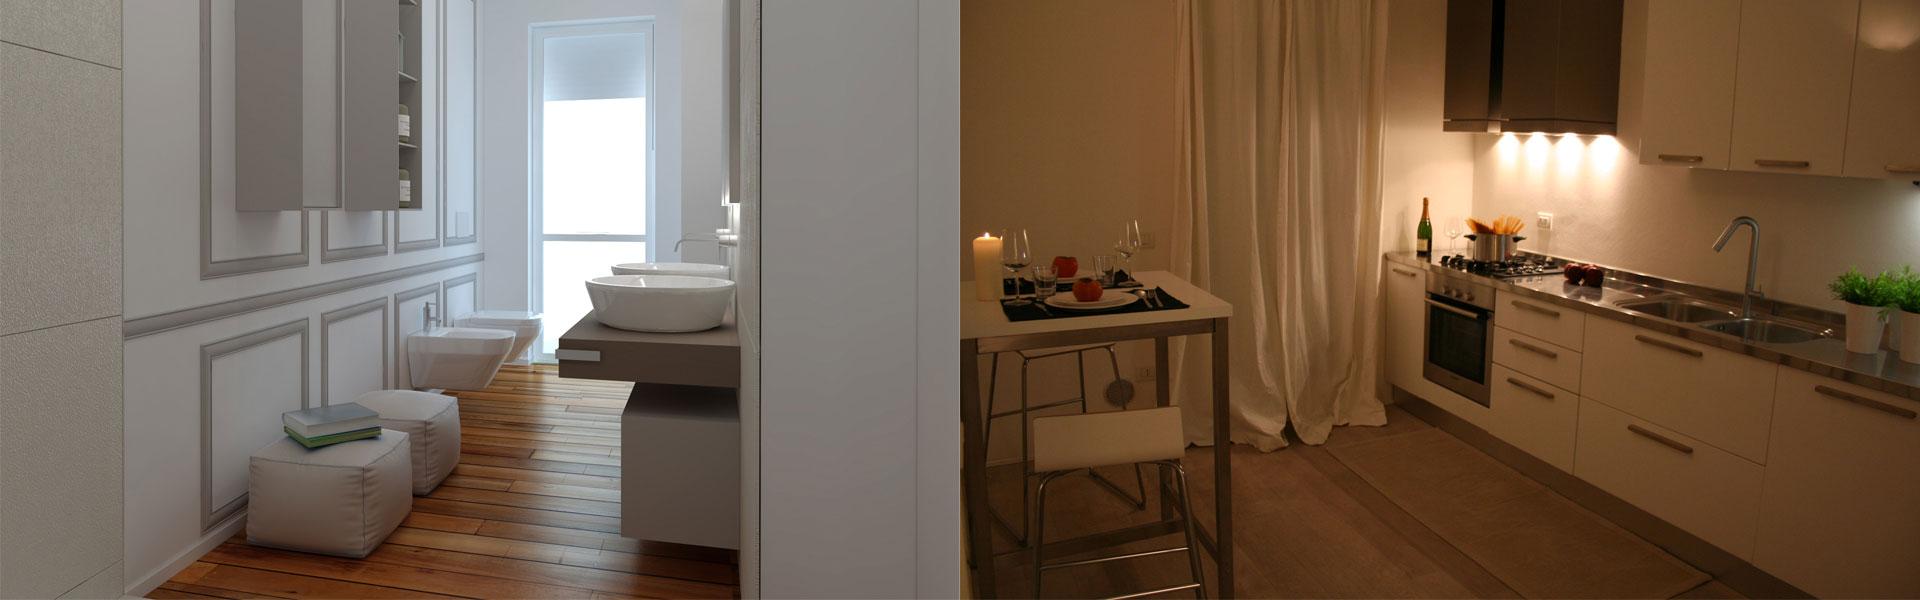 Piastrelle pavimentazioni sanitari arredo bagno - Allestimento bagno ...